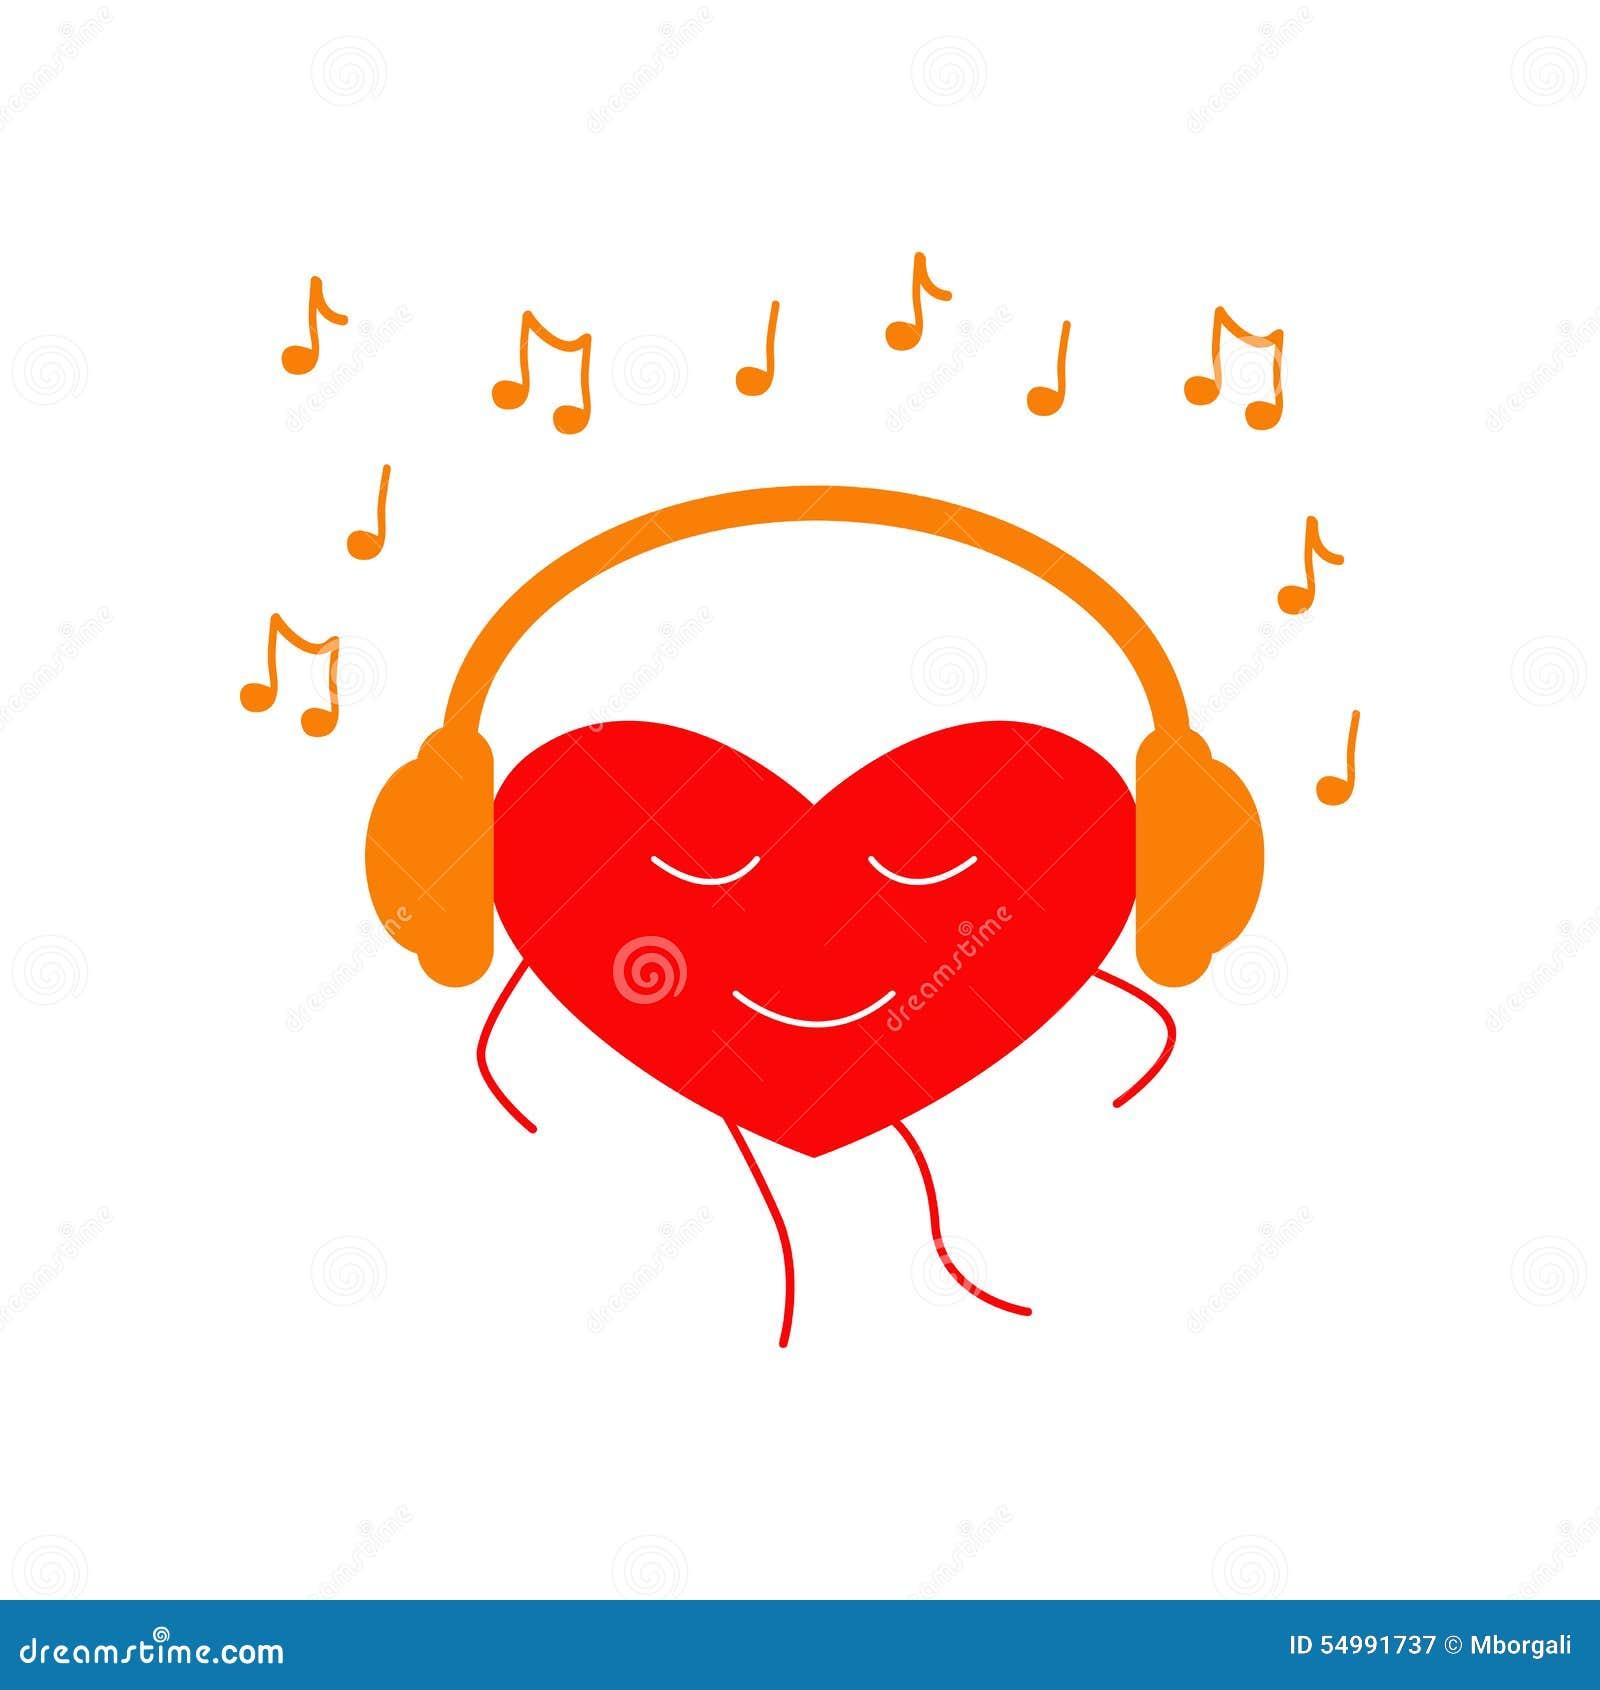 Dancing heart in headphones